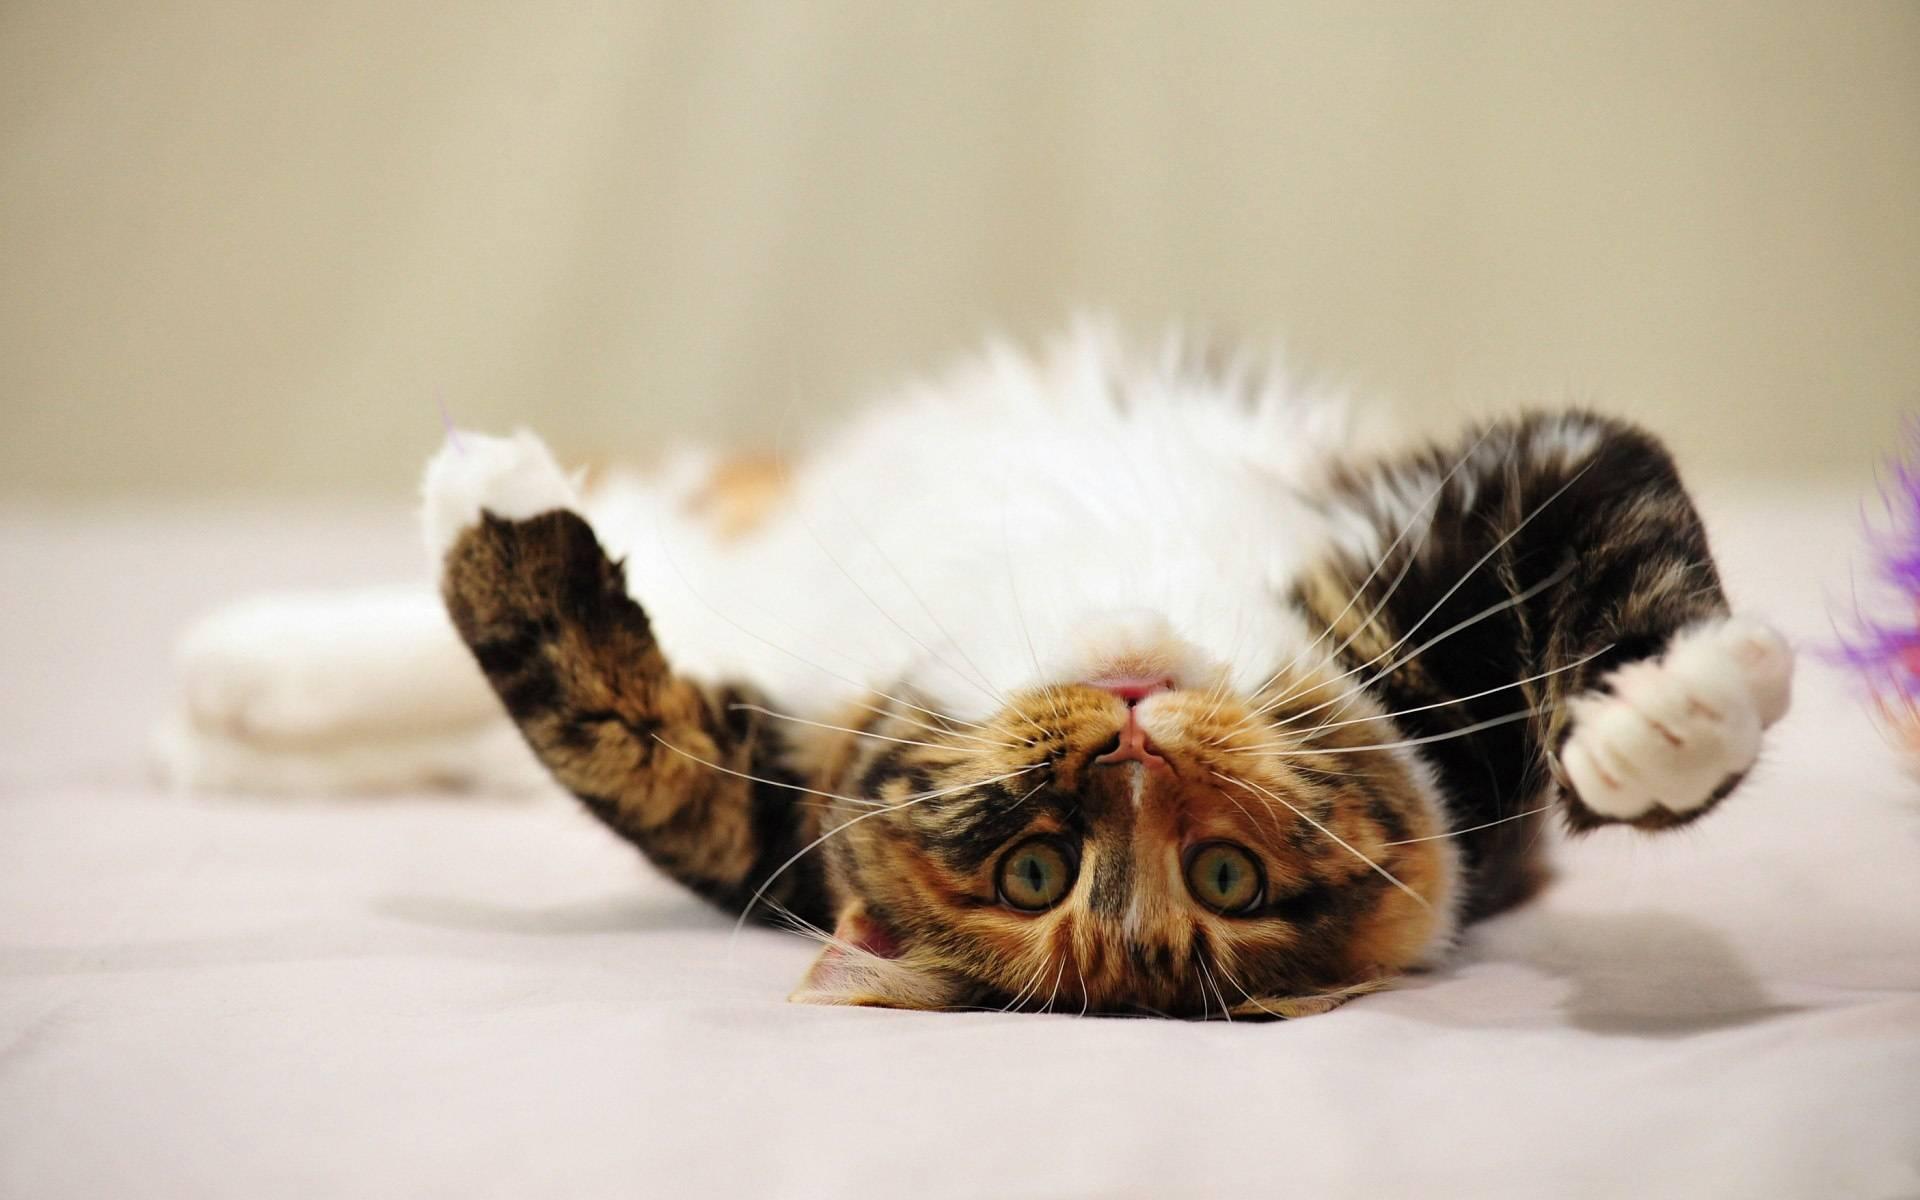 Кошка родила одного котенка и больше не рожает, что делать, до какого возраста они могут рожать